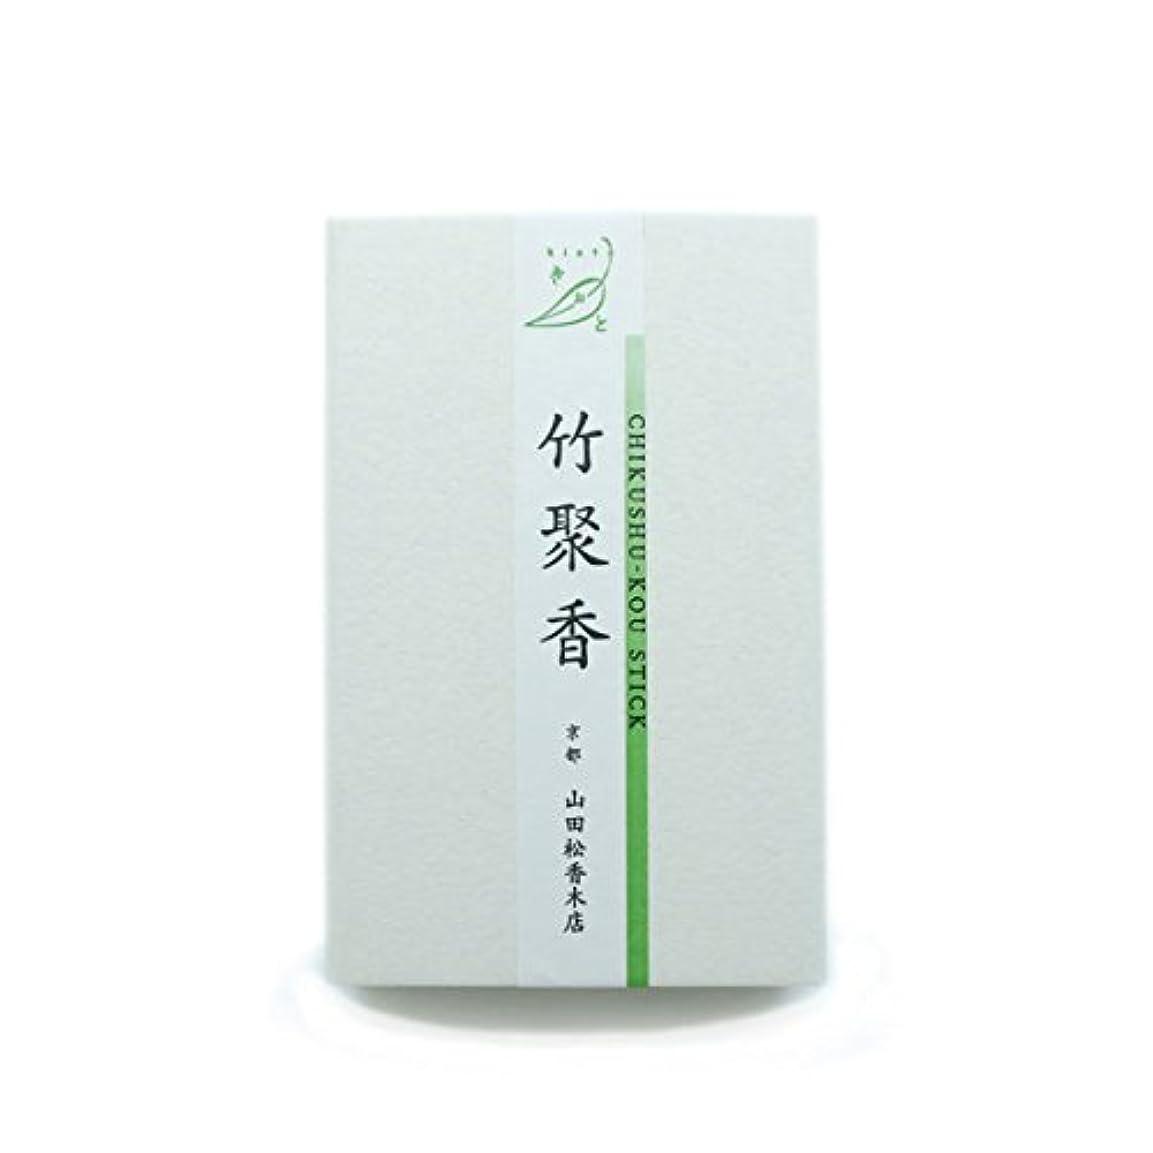 主婦環境記述する竹聚香 スティック 50本入